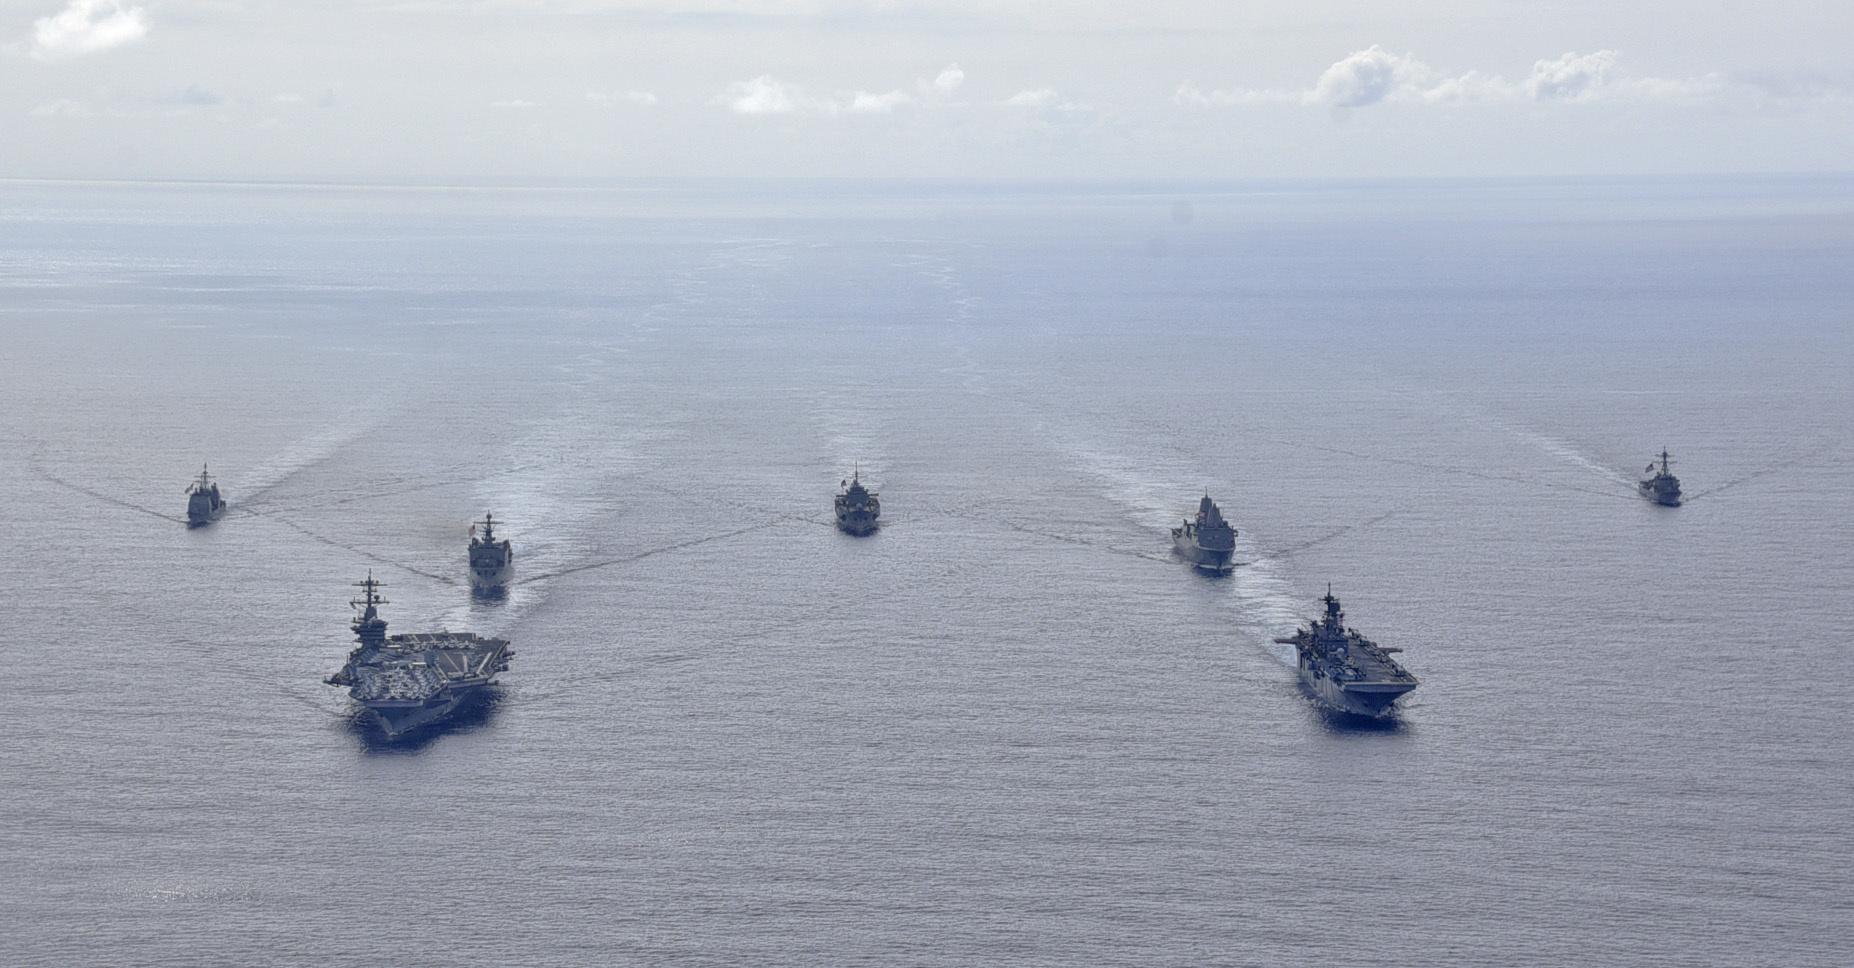 مجموعة حاملة طائرات أمريكية تدخل بحر الصين الجنوبي وسط توتر بسبب تايوان